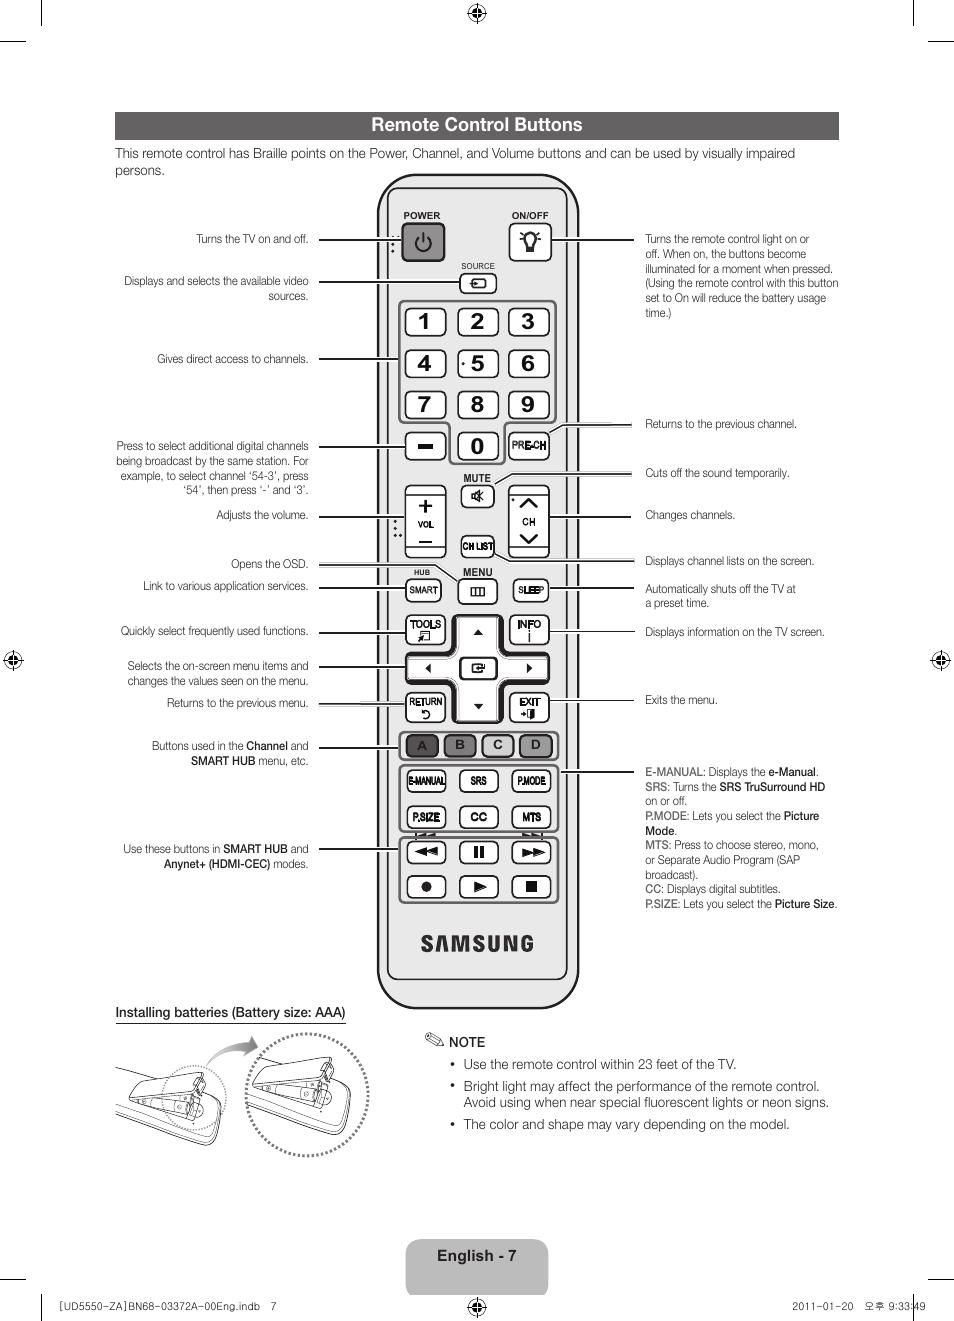 Bedienungsanleitung Samsung Fernseher Aa59